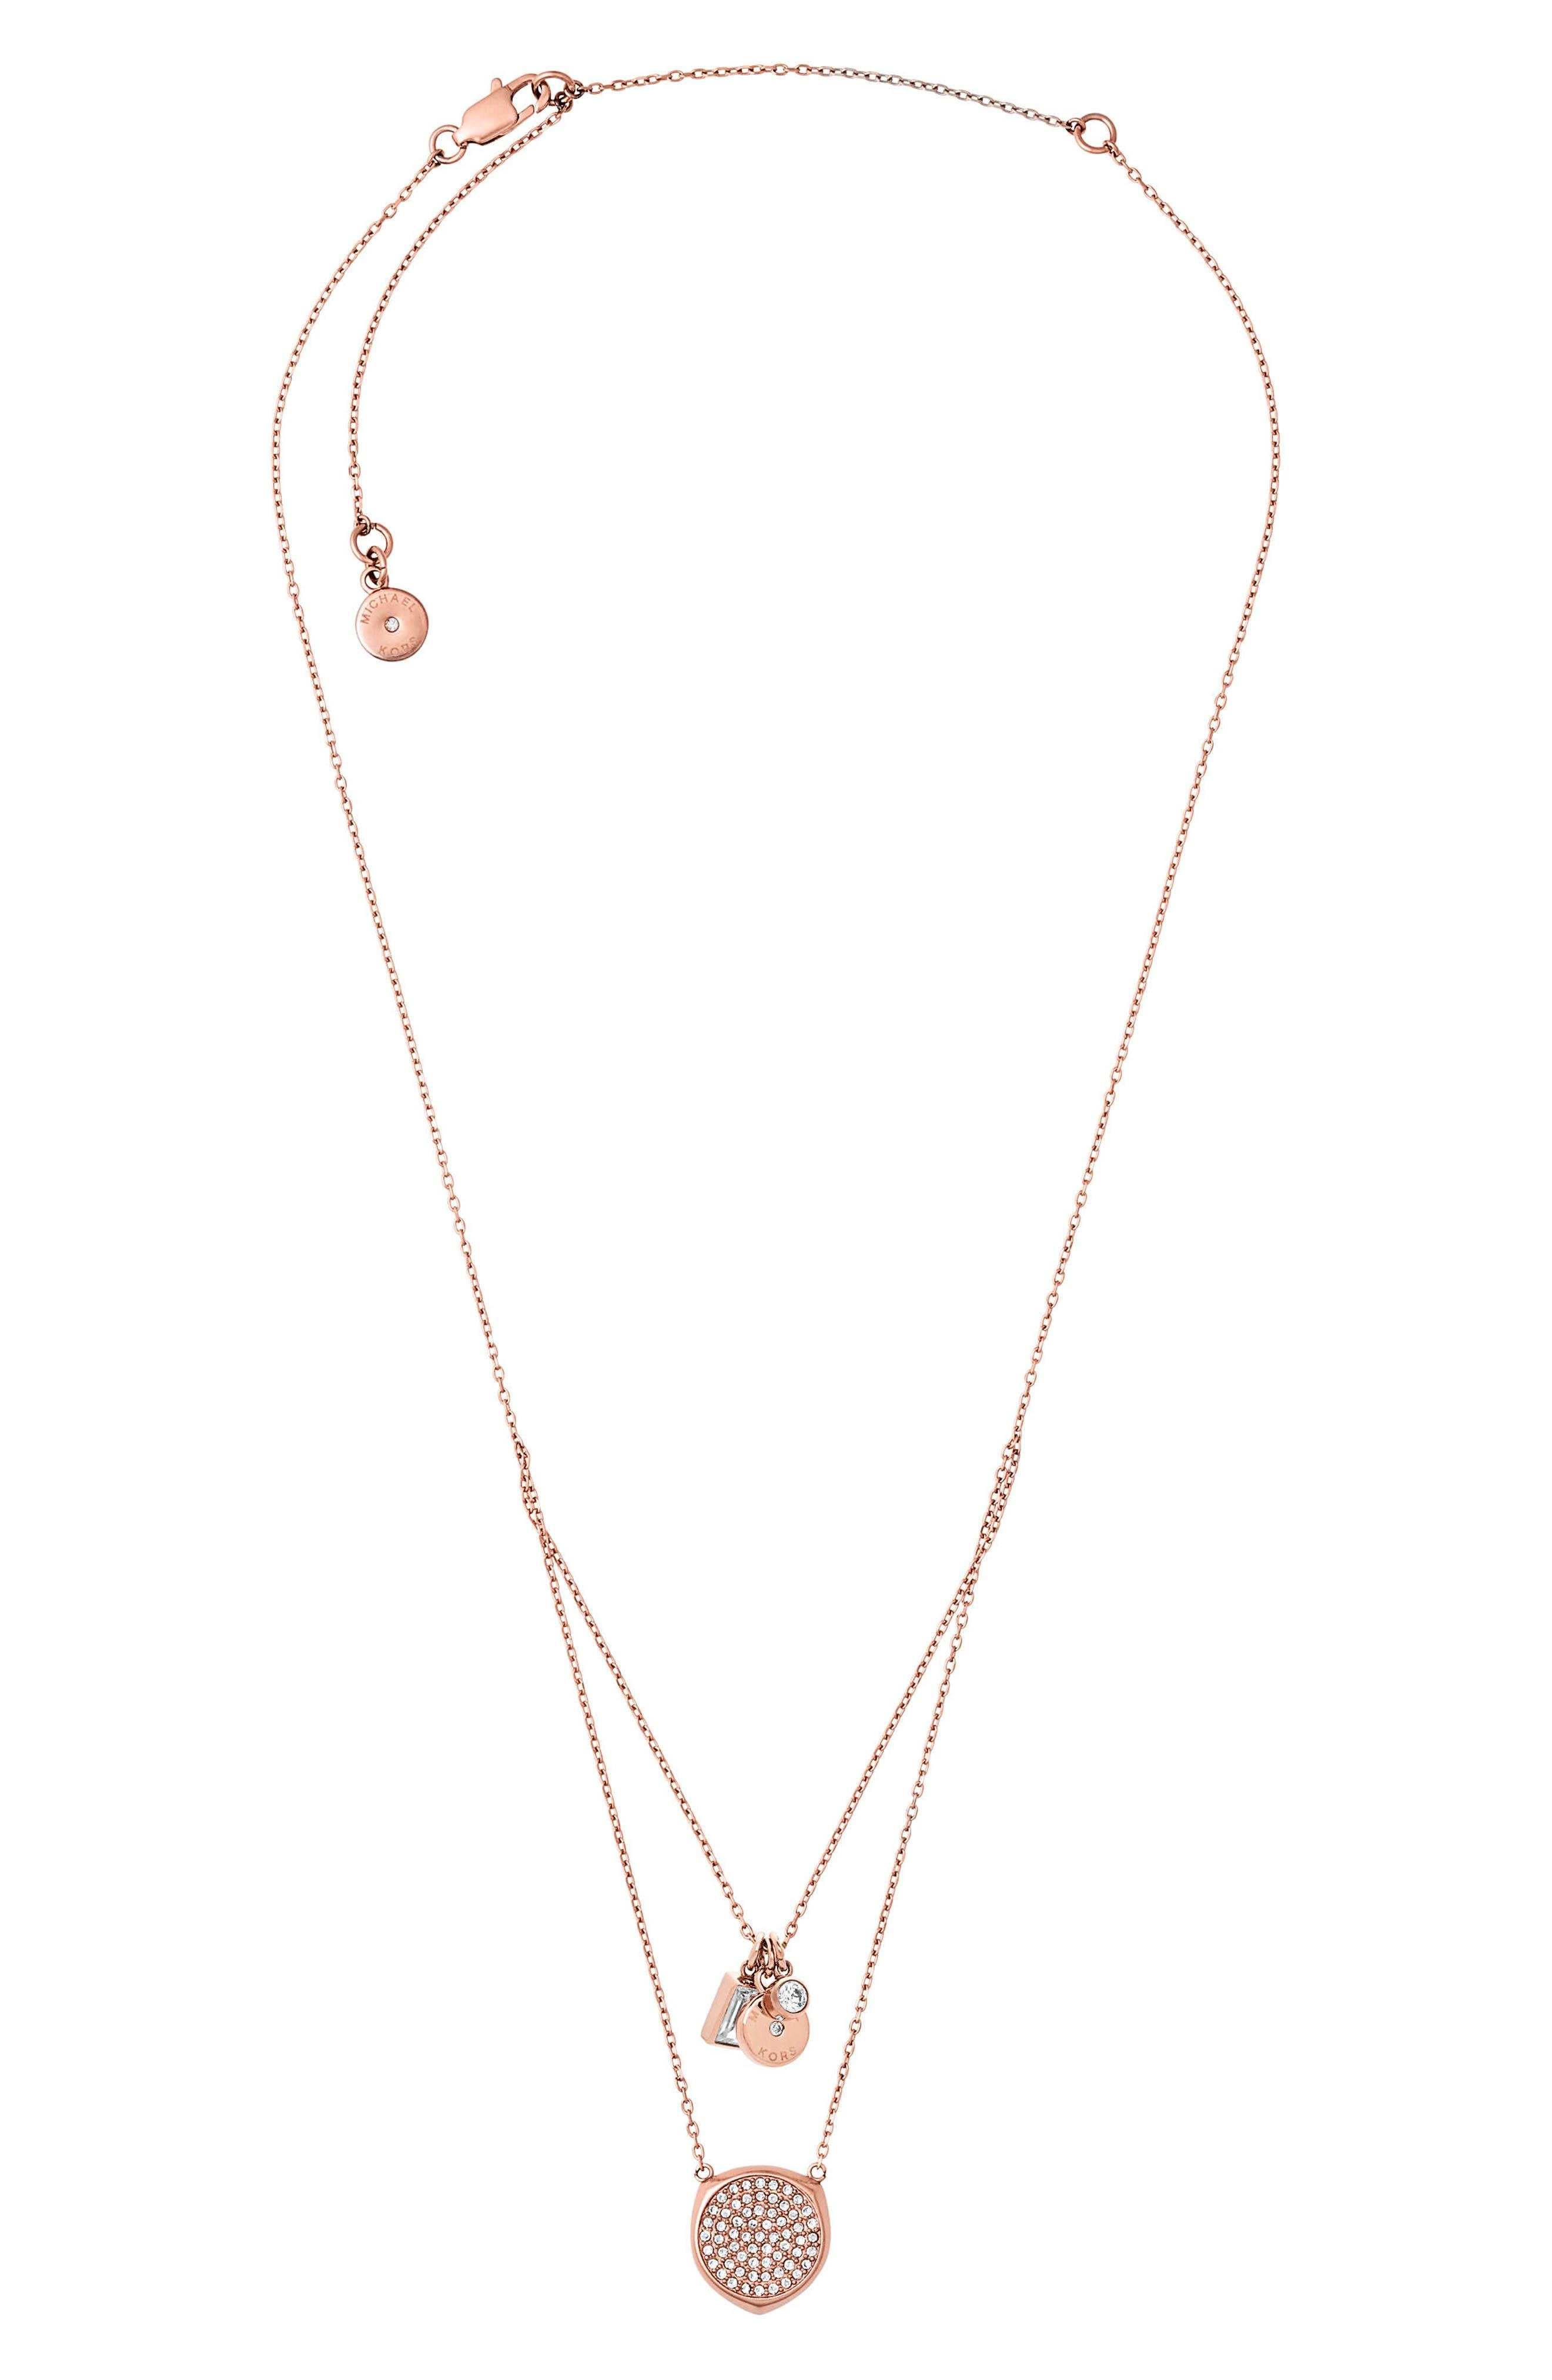 Main Image - Michael Kors Charm Pendant Necklace